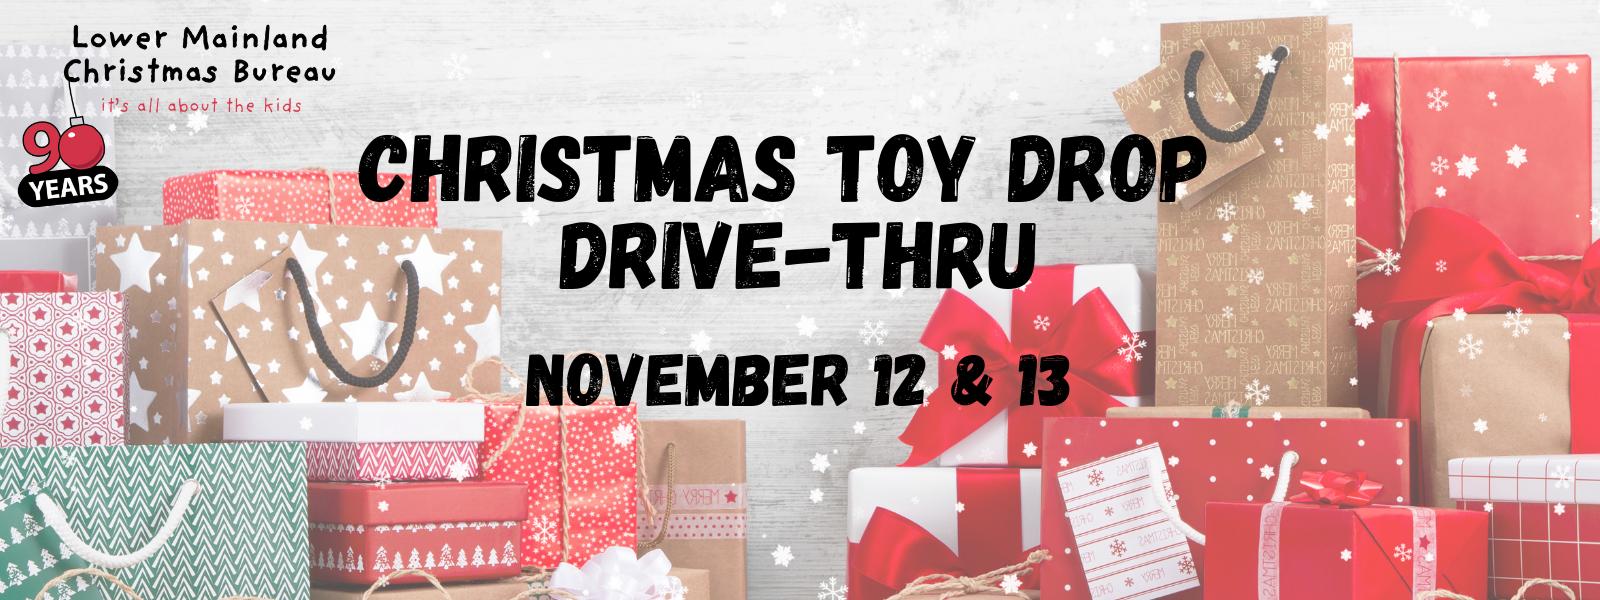 Christmas Toy Drop Drive-Thru